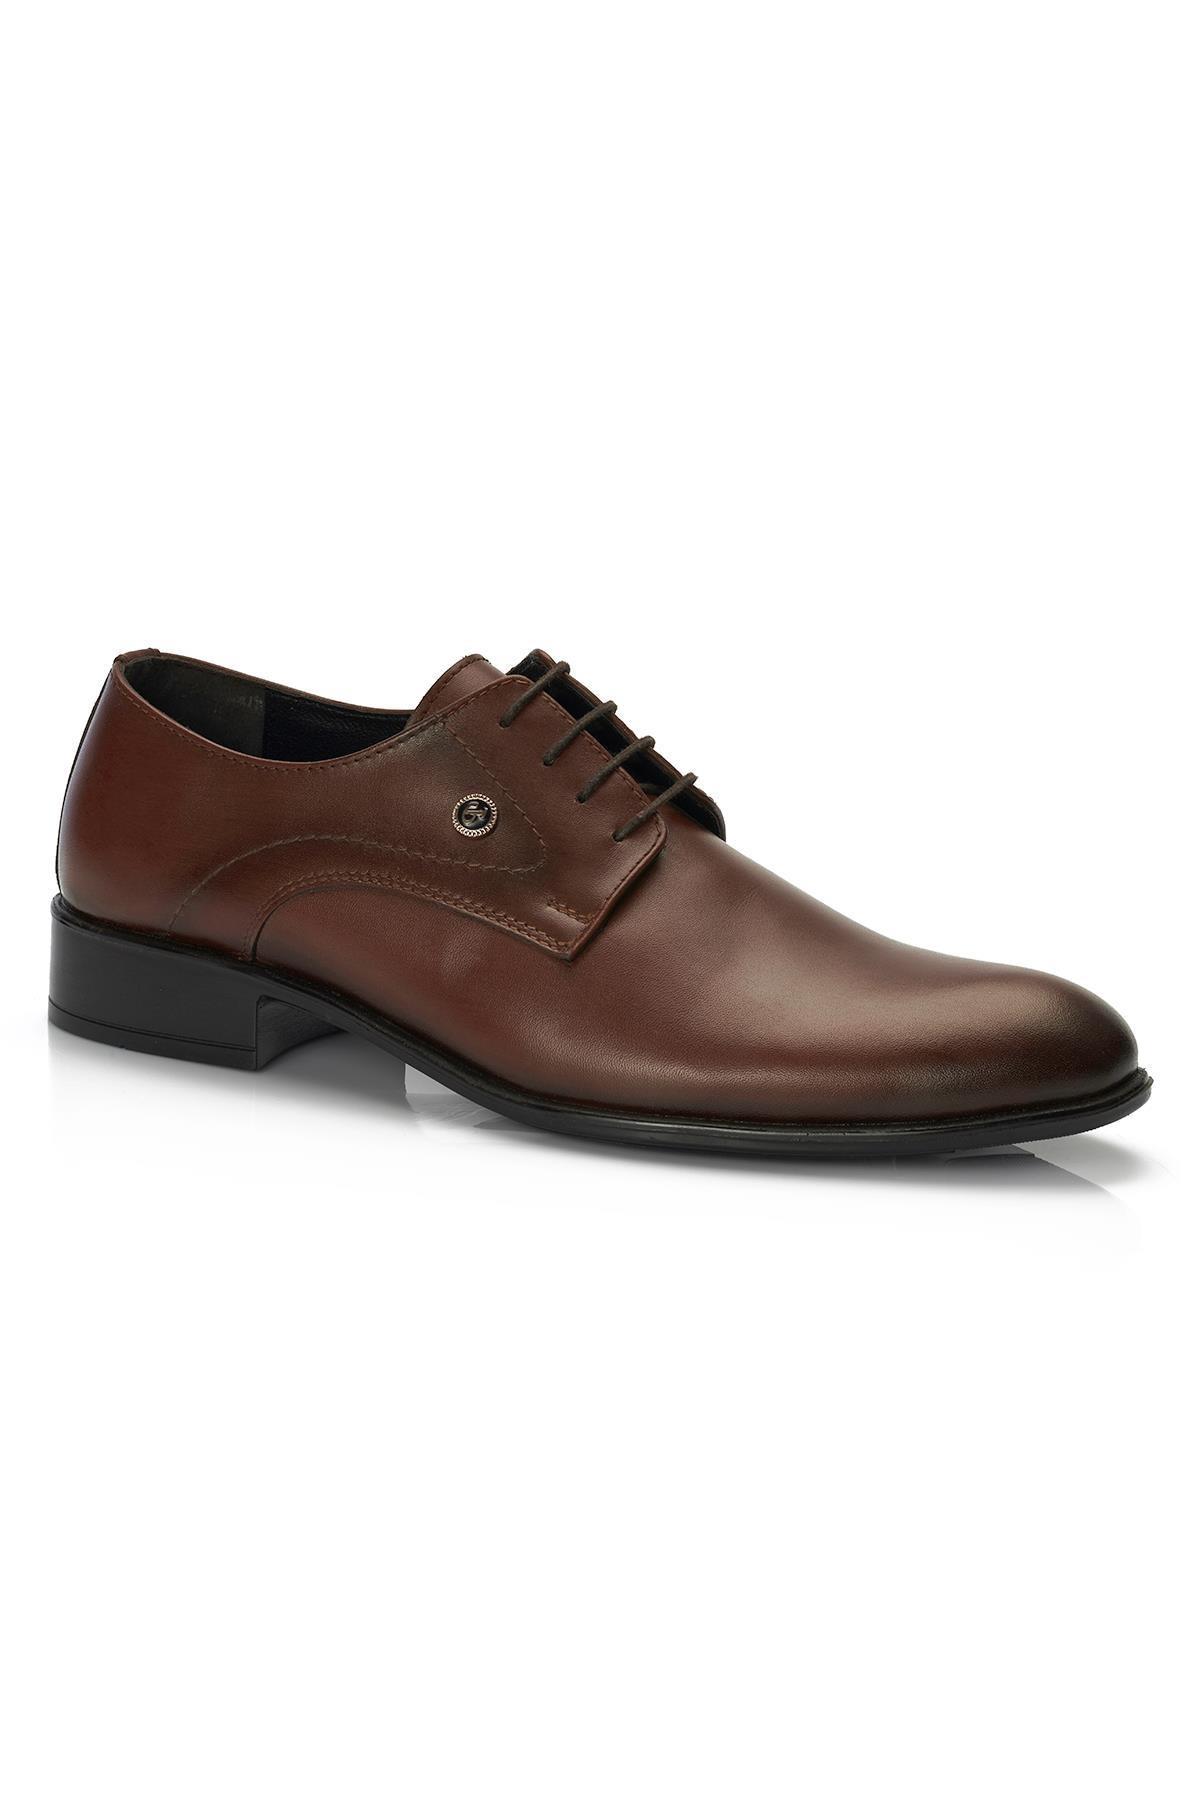 Ortopedik Klasik Erkek Ayakkabı Modelleri